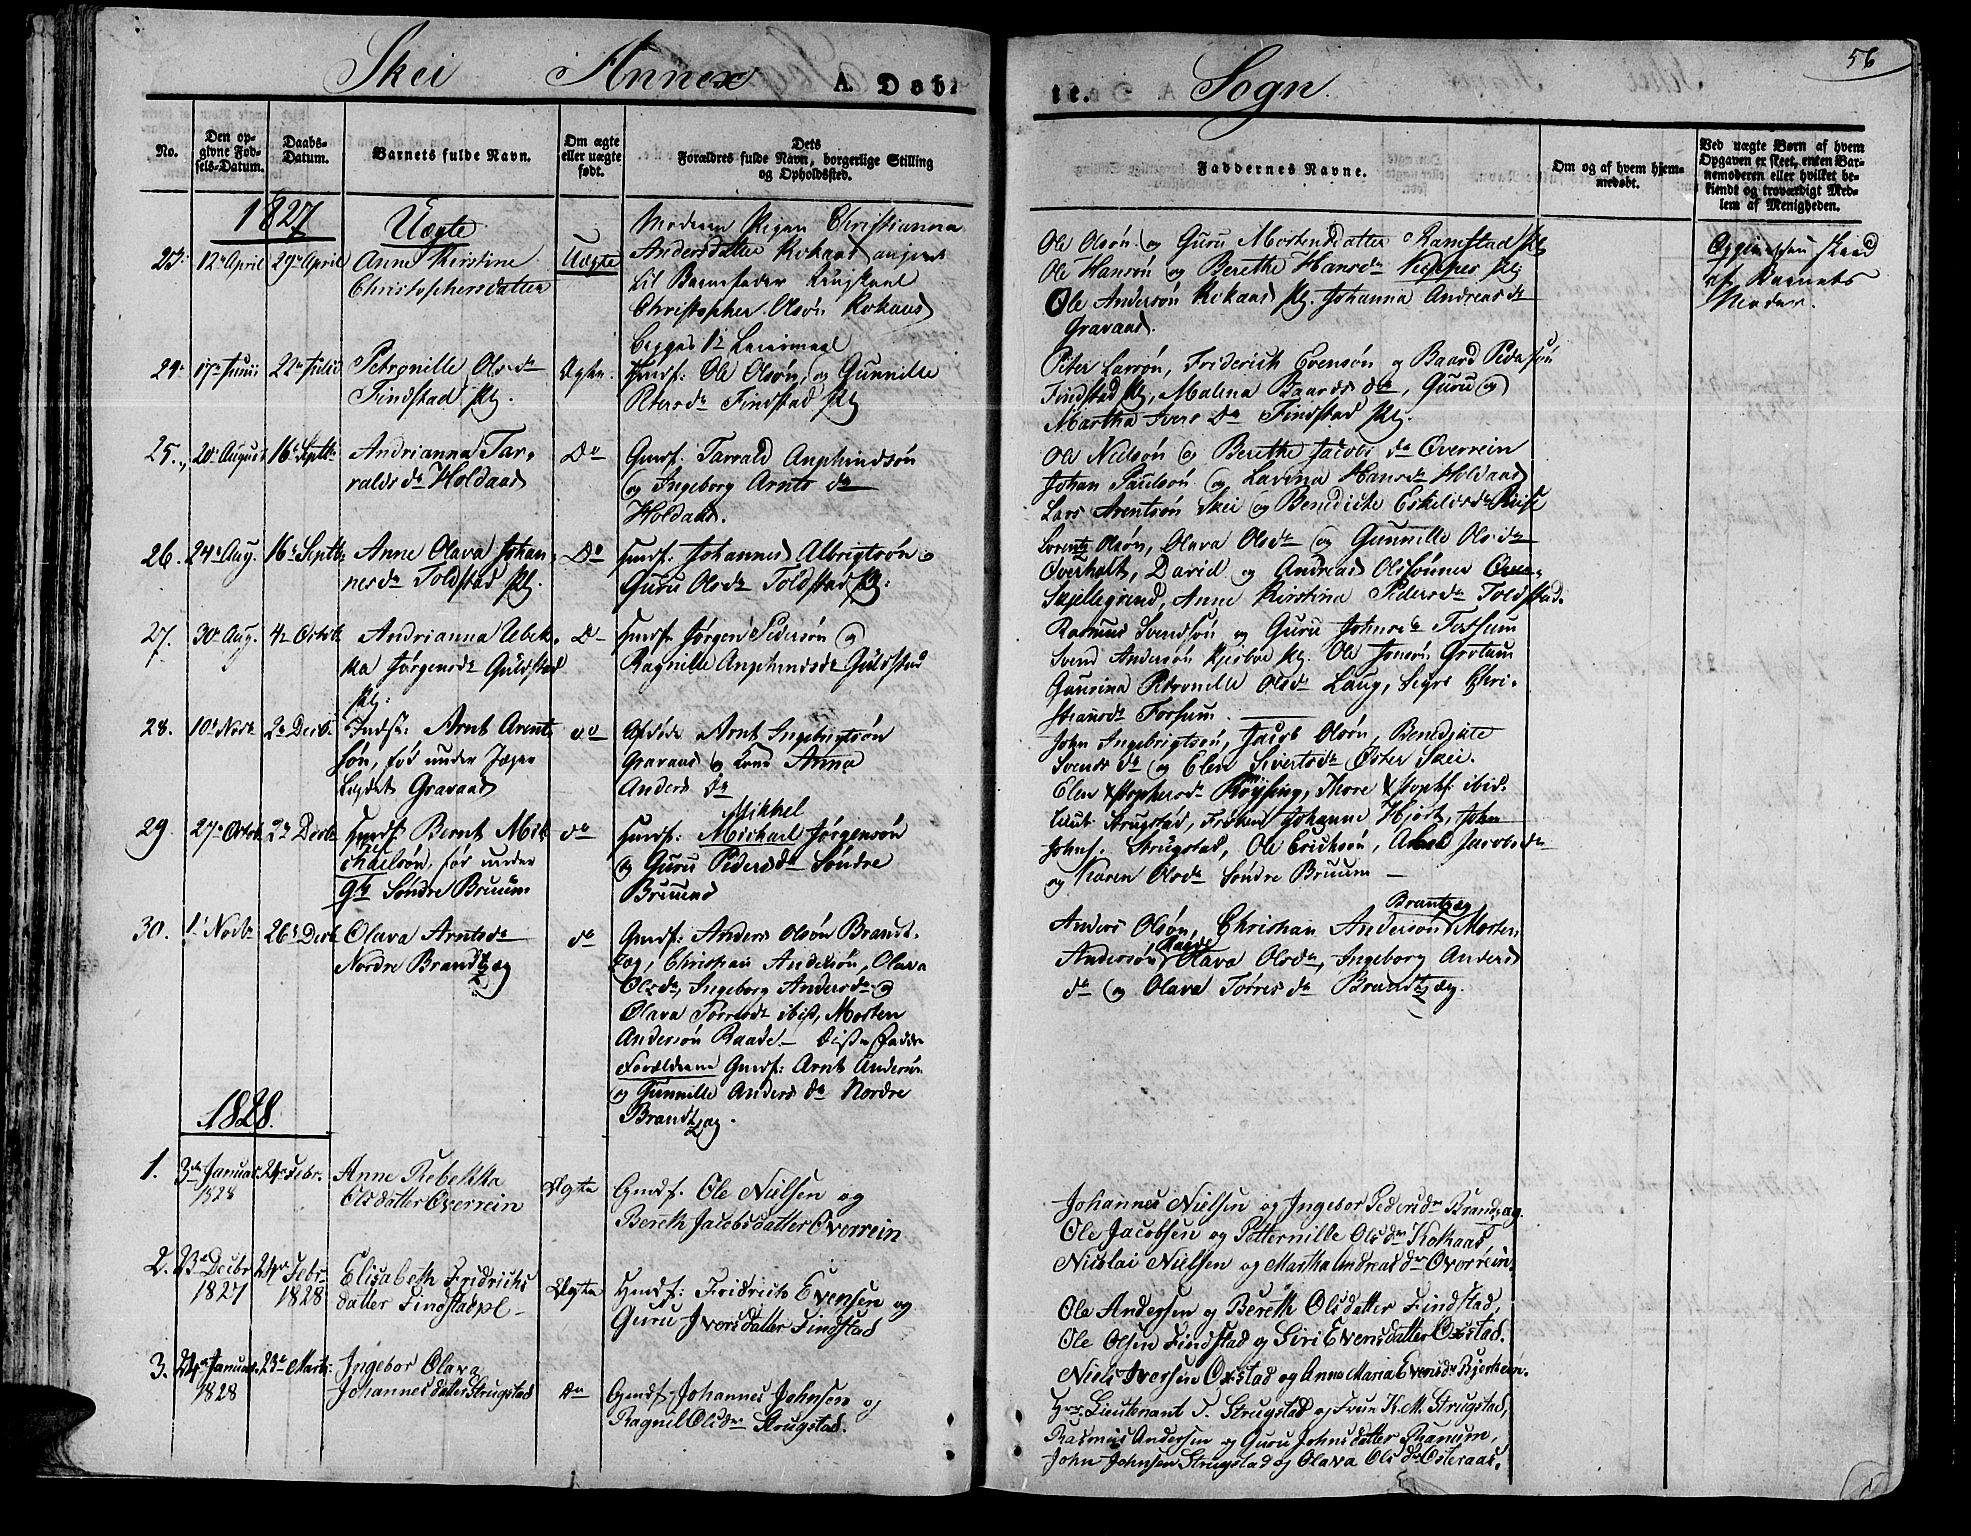 SAT, Ministerialprotokoller, klokkerbøker og fødselsregistre - Nord-Trøndelag, 735/L0336: Ministerialbok nr. 735A05 /2, 1825-1835, s. 56